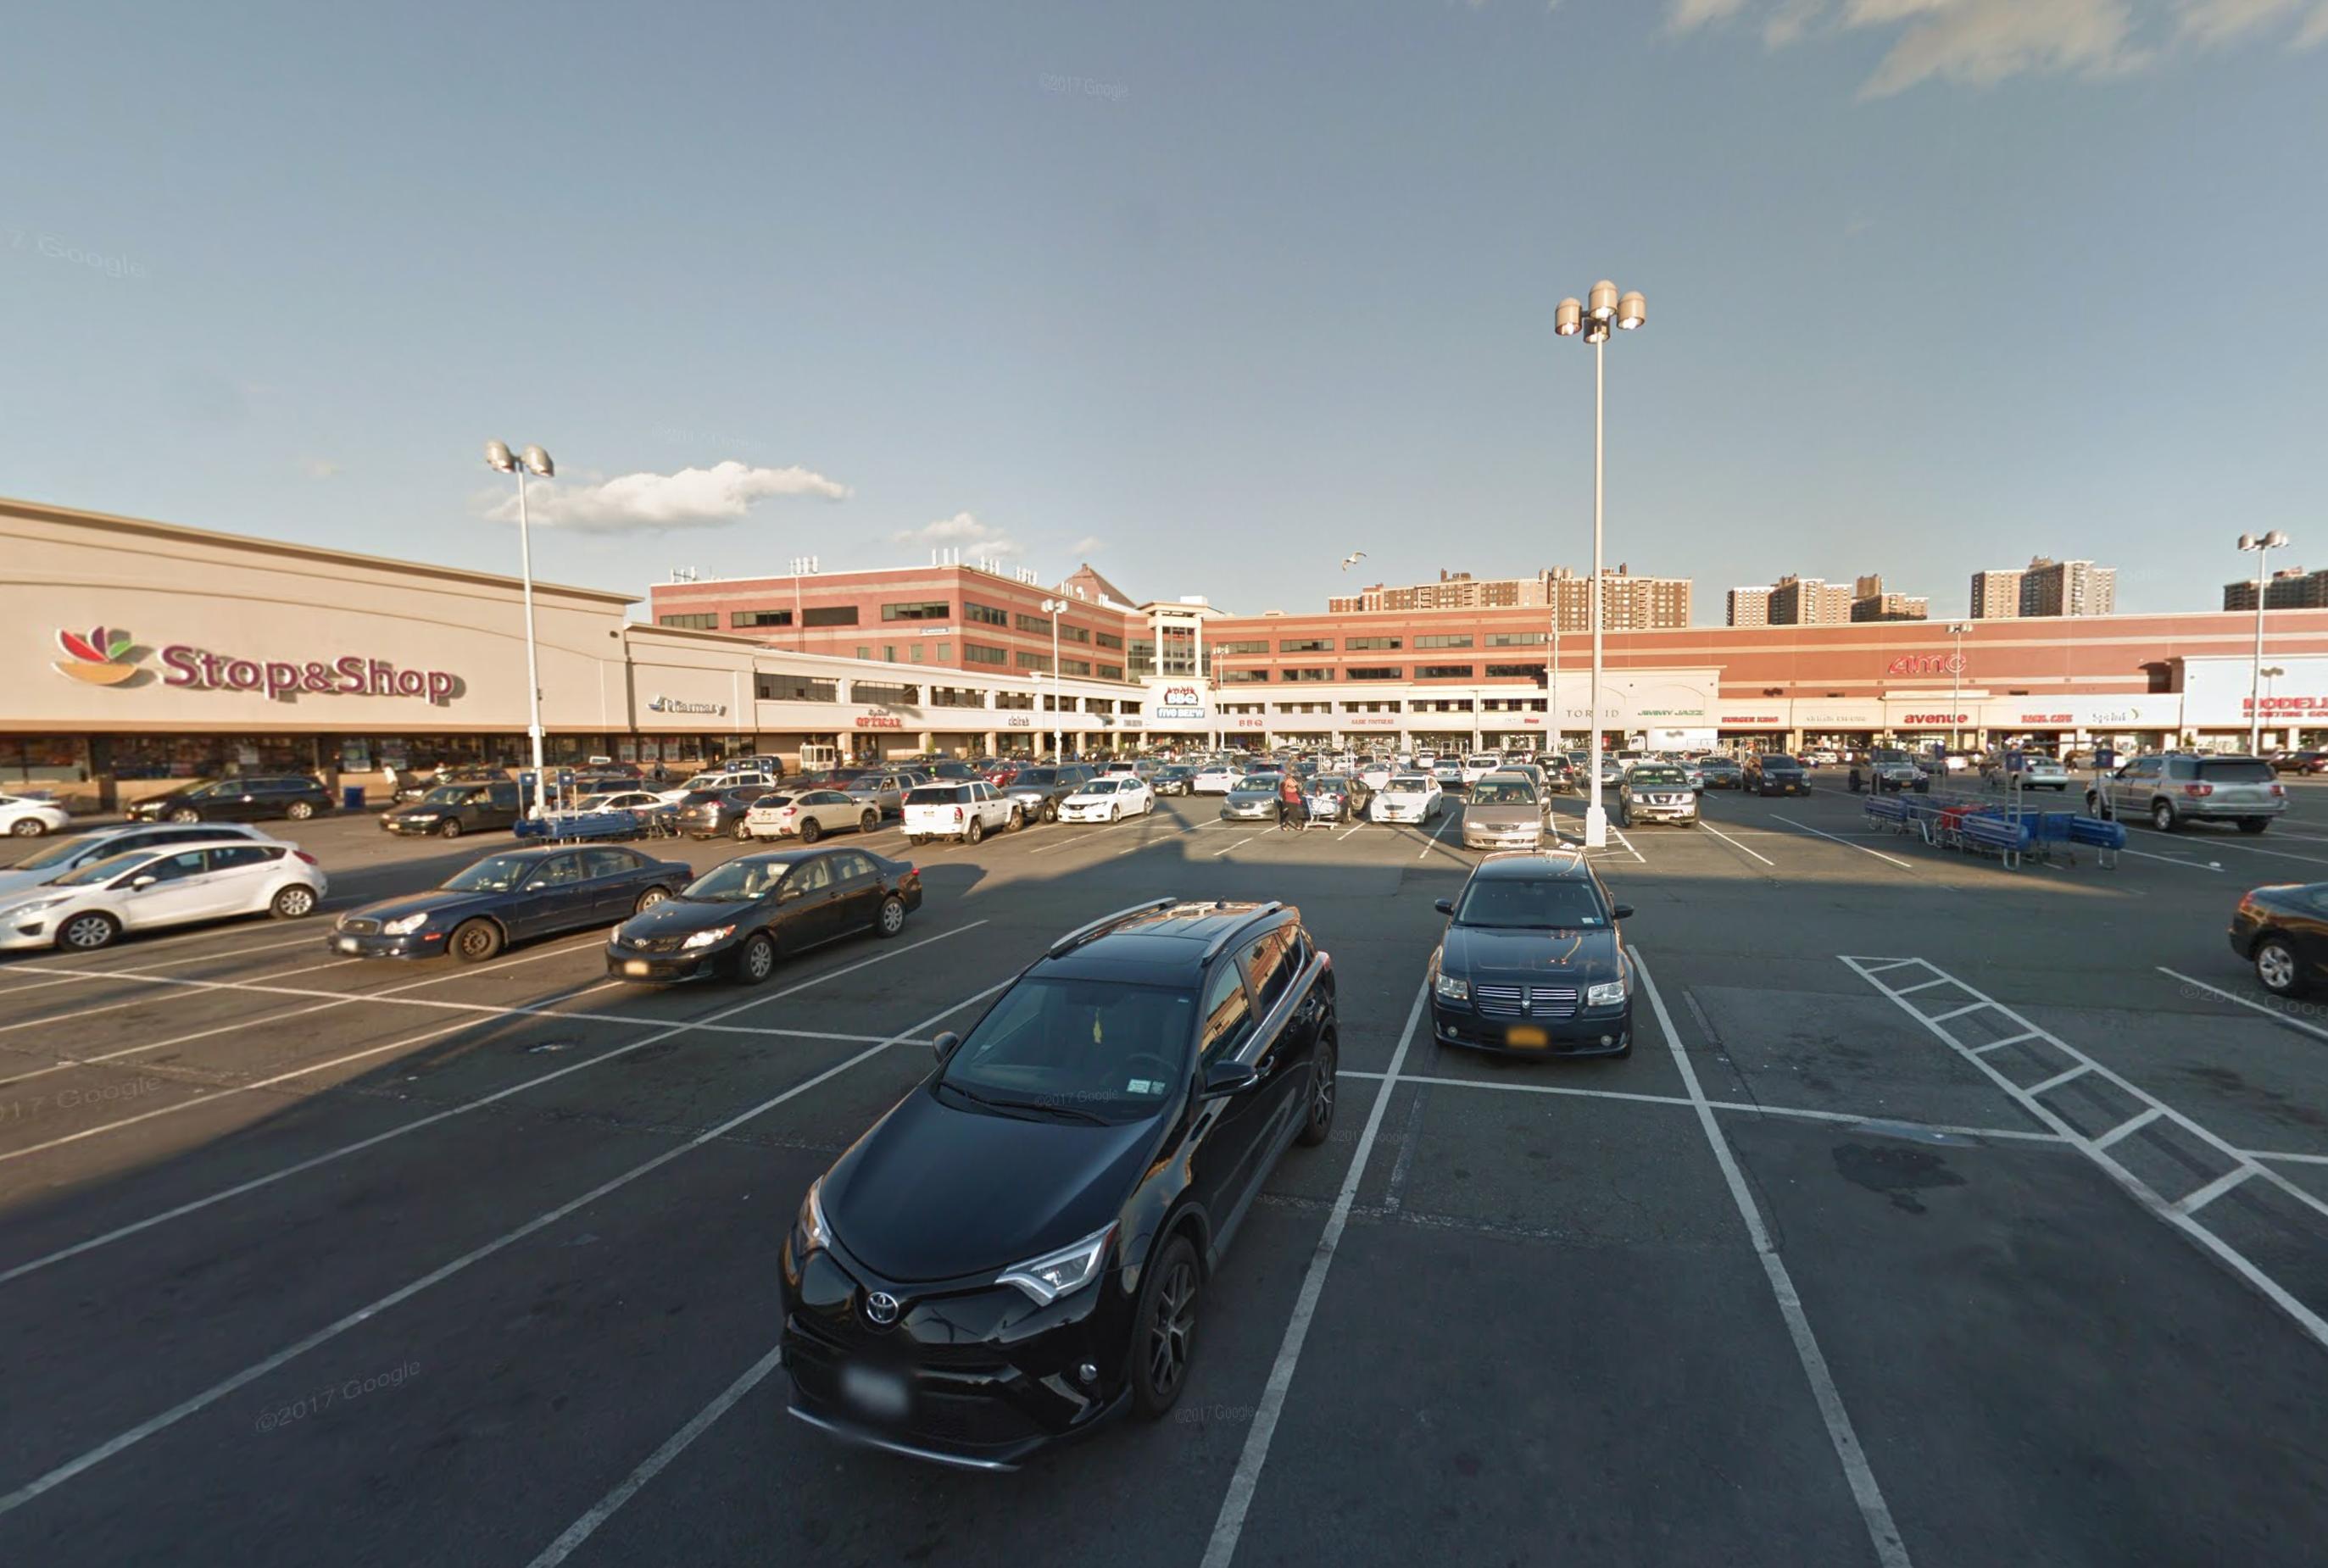 2100 Bartow Avenue, via Google Maps